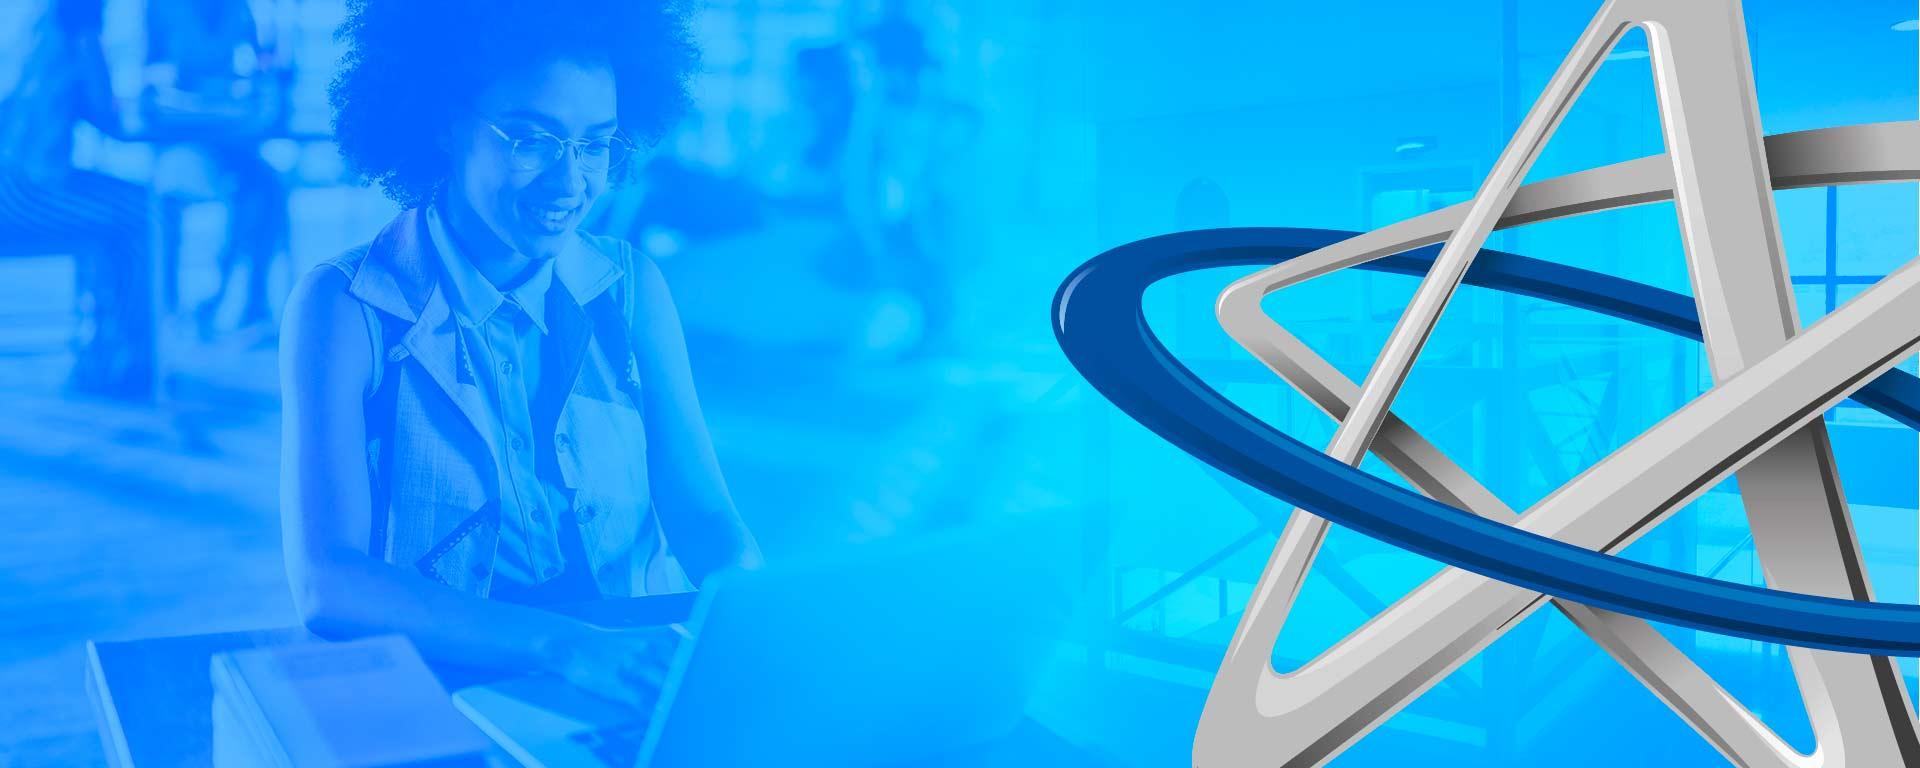 Quer conhecer melhor a Cruzeiro do sul virtual?